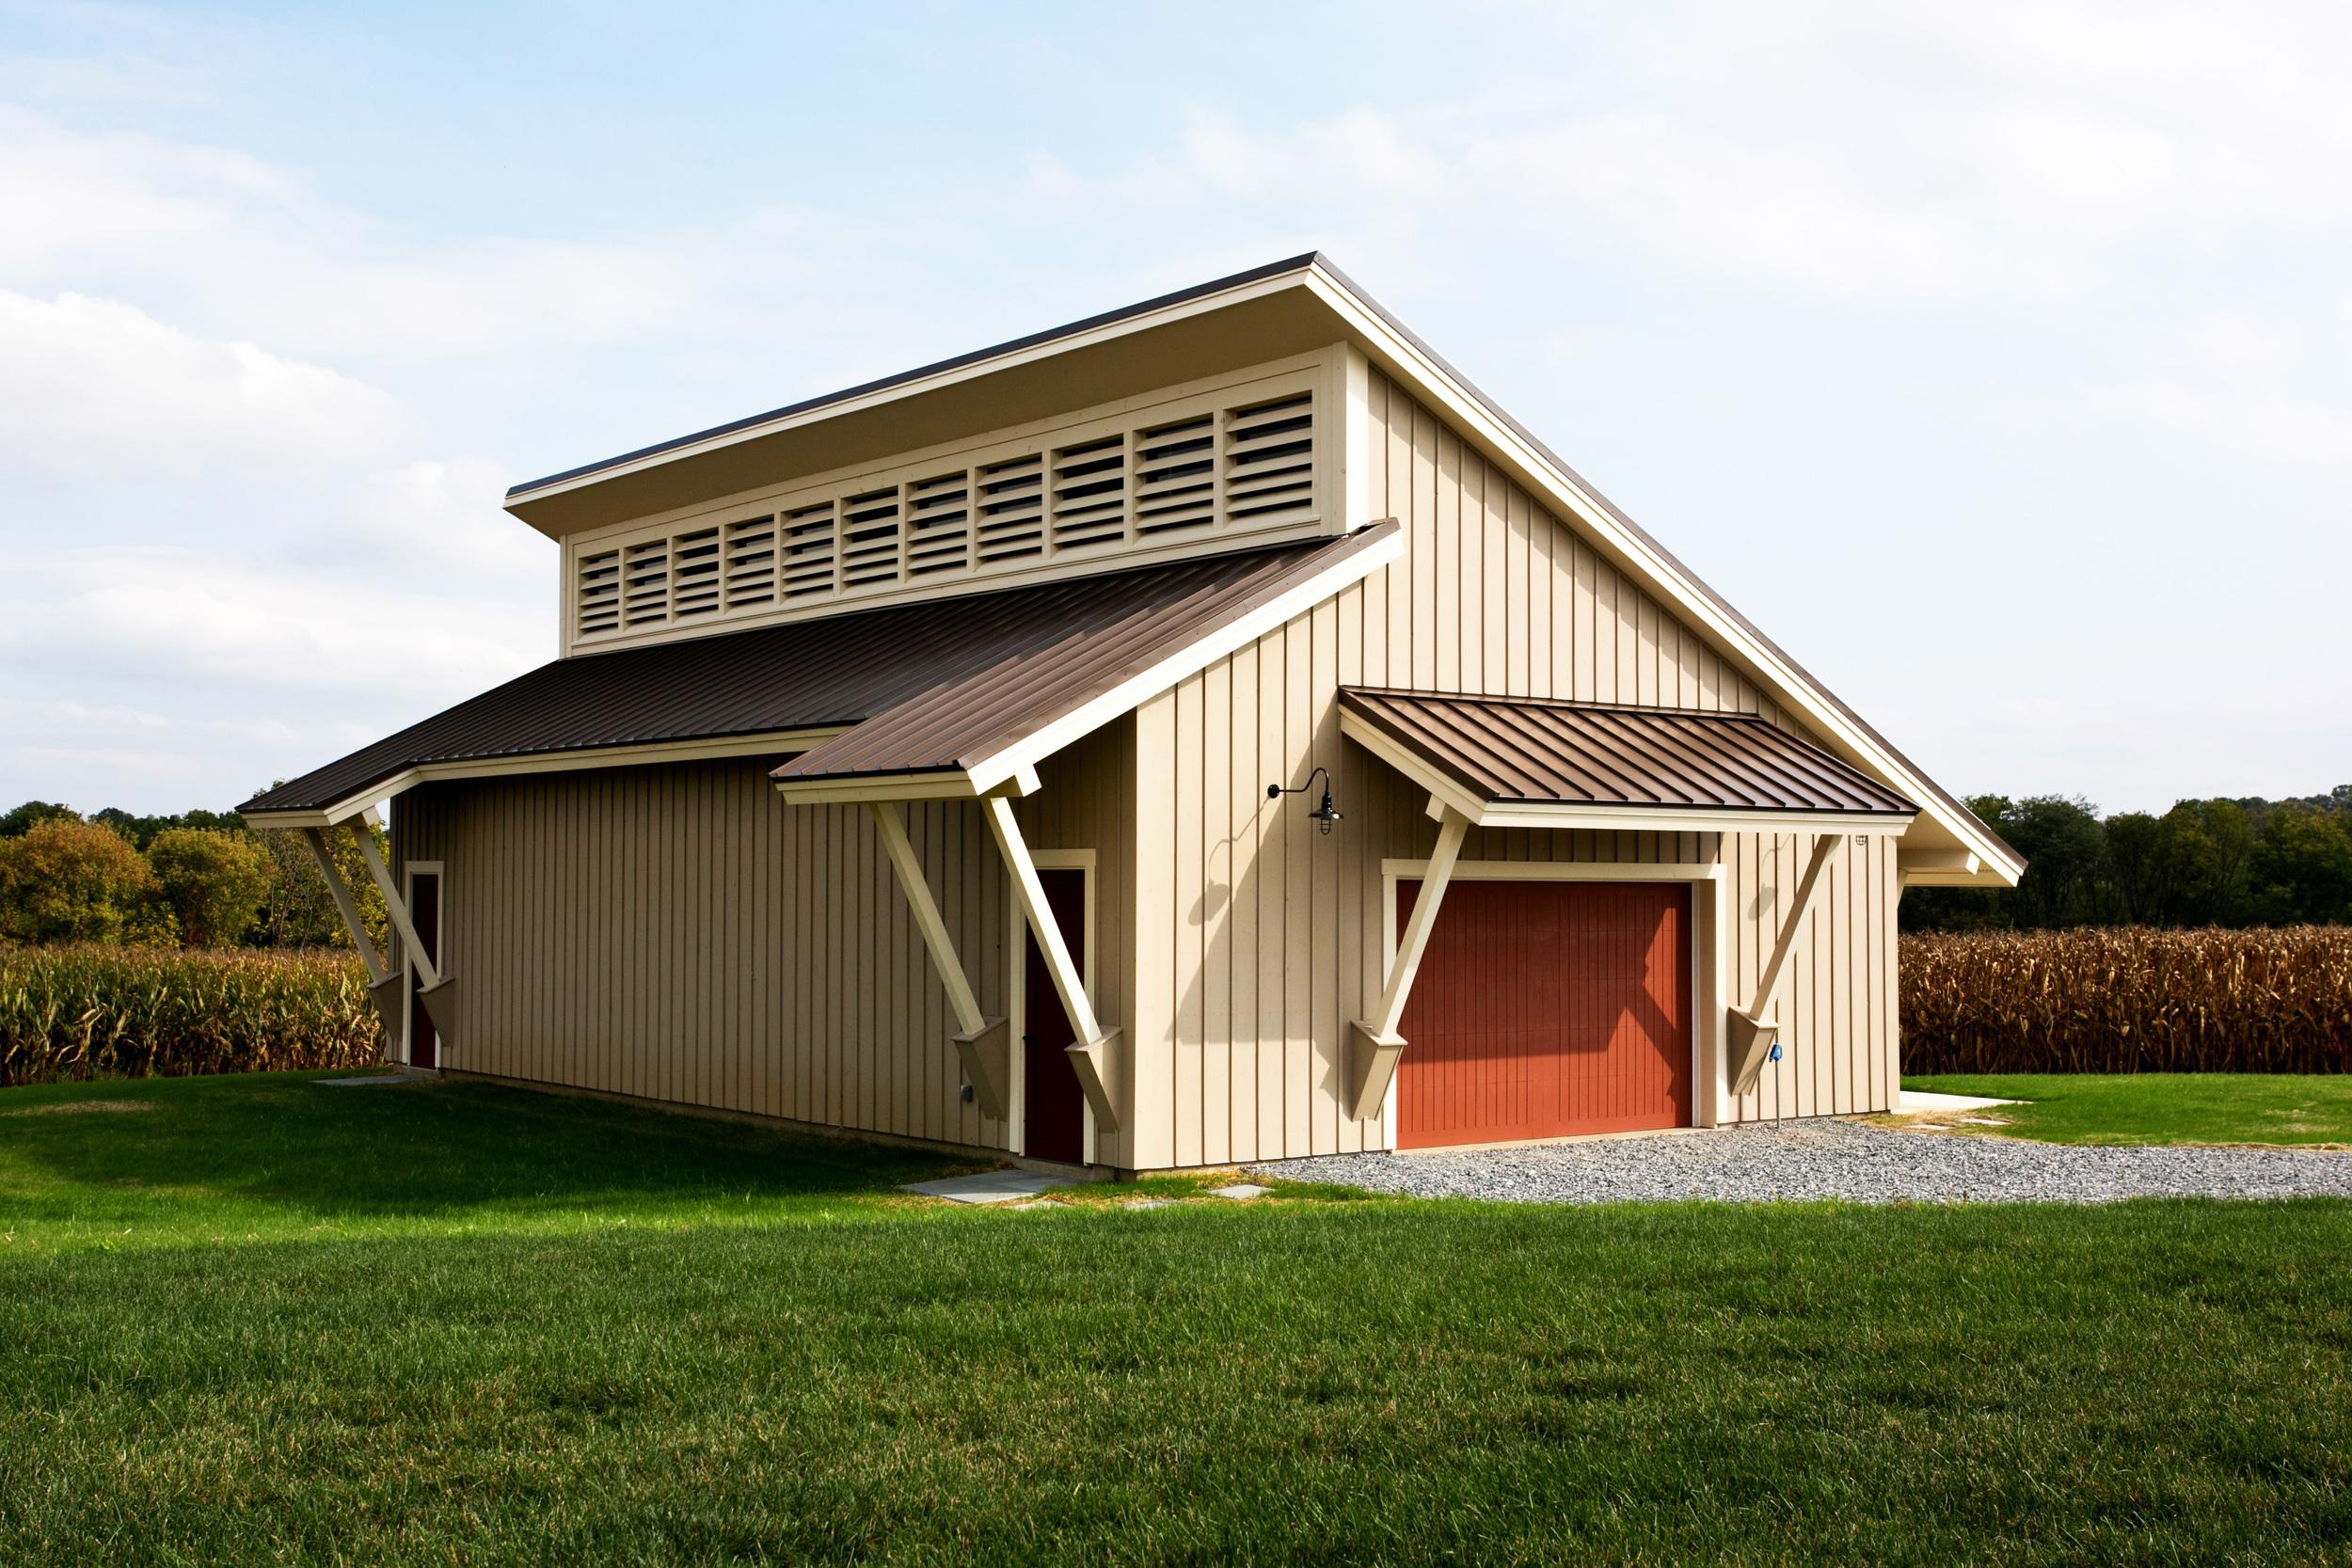 residential - Main Barn - 2014 - NRG_5034 - edit.jpg